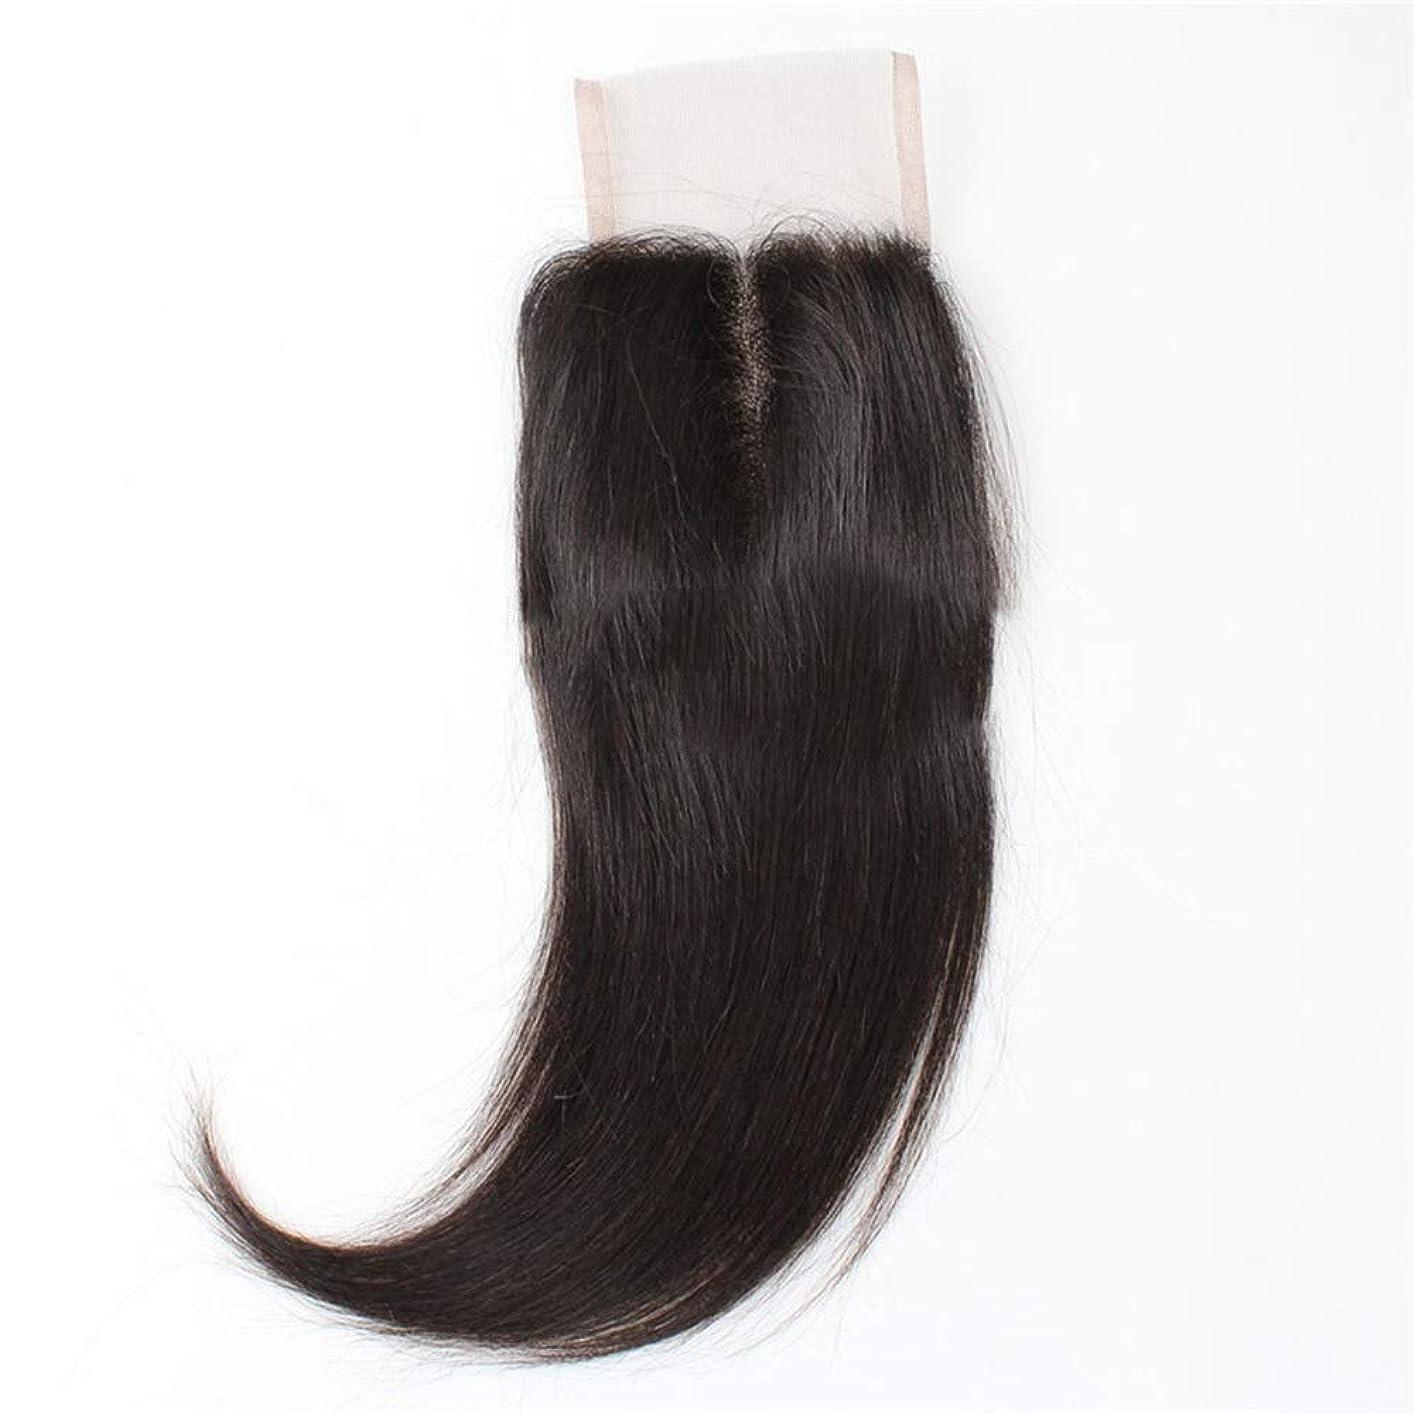 孤児ディスカウント機関車BOBIDYEE ブラジルの髪4×4フルレース前頭閉鎖9A未処理人間の髪の毛絹のようなストレートヘアミドルパートナチュラルブラック複合毛レースのかつらロールプレイングかつらロングとショートの女性自然 (色 : 黒, サイズ : 16 inch)